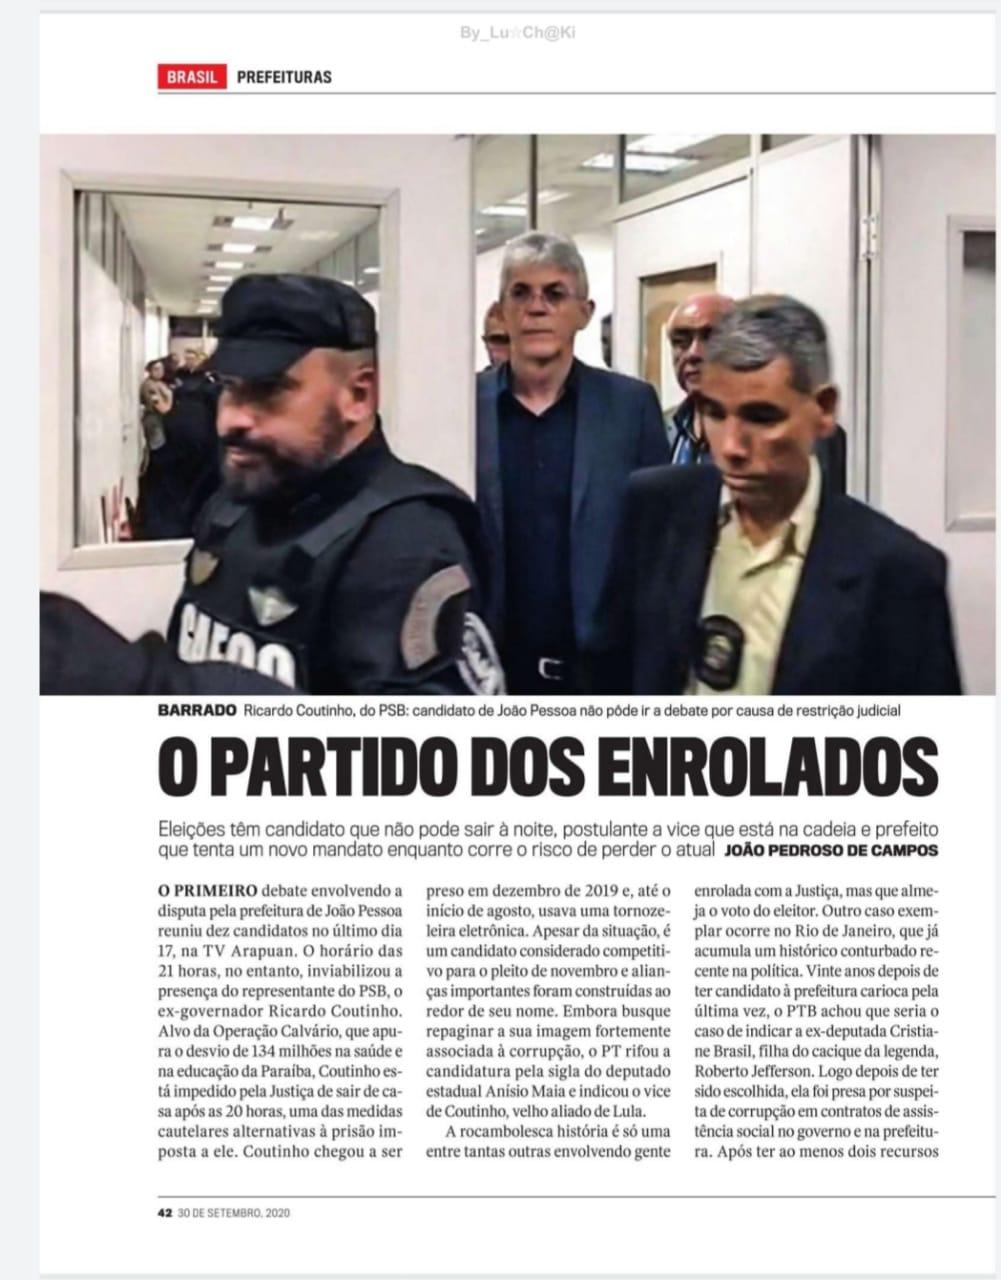 WhatsApp Image 2020 09 25 at 17.22.38 - MEDIDAS CAUTELARES: revista destaca restrições impostas a Ricardo Coutinho durante eleições